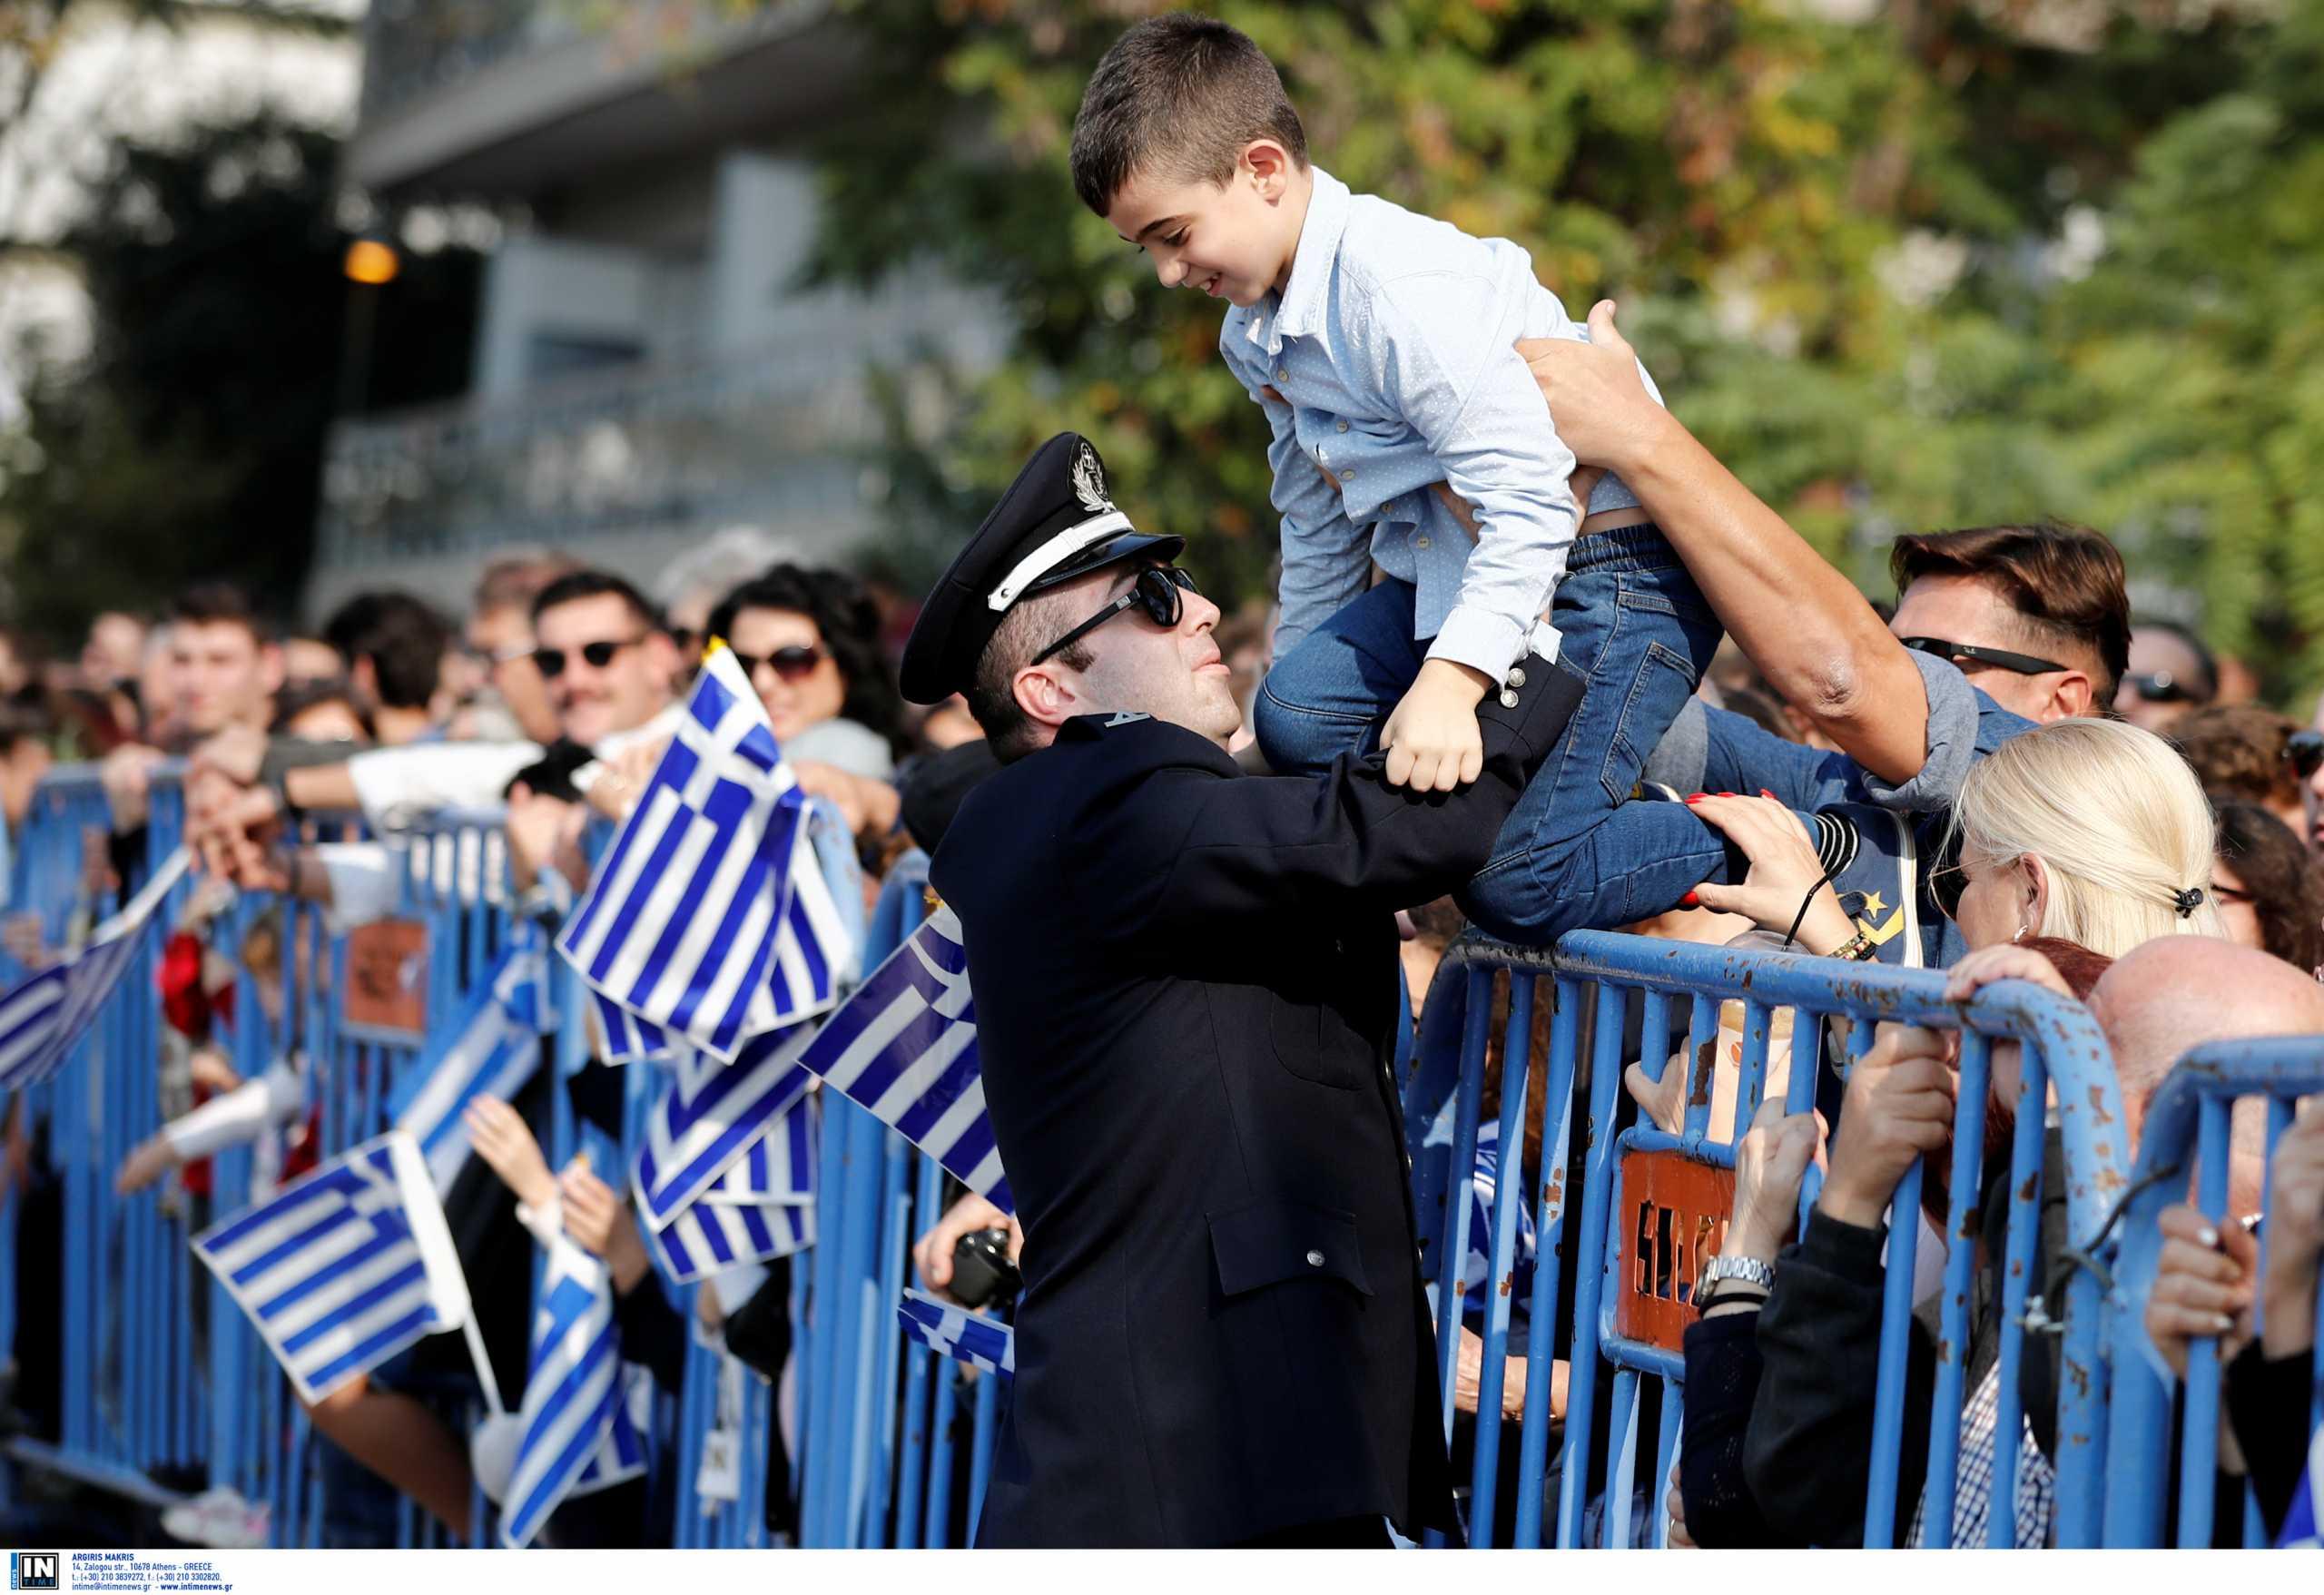 Μάκης Βορίδης: Παρέλαση την 28η Οκτωβρίου για όλους, όχι μόνο για εμβολιασμένους